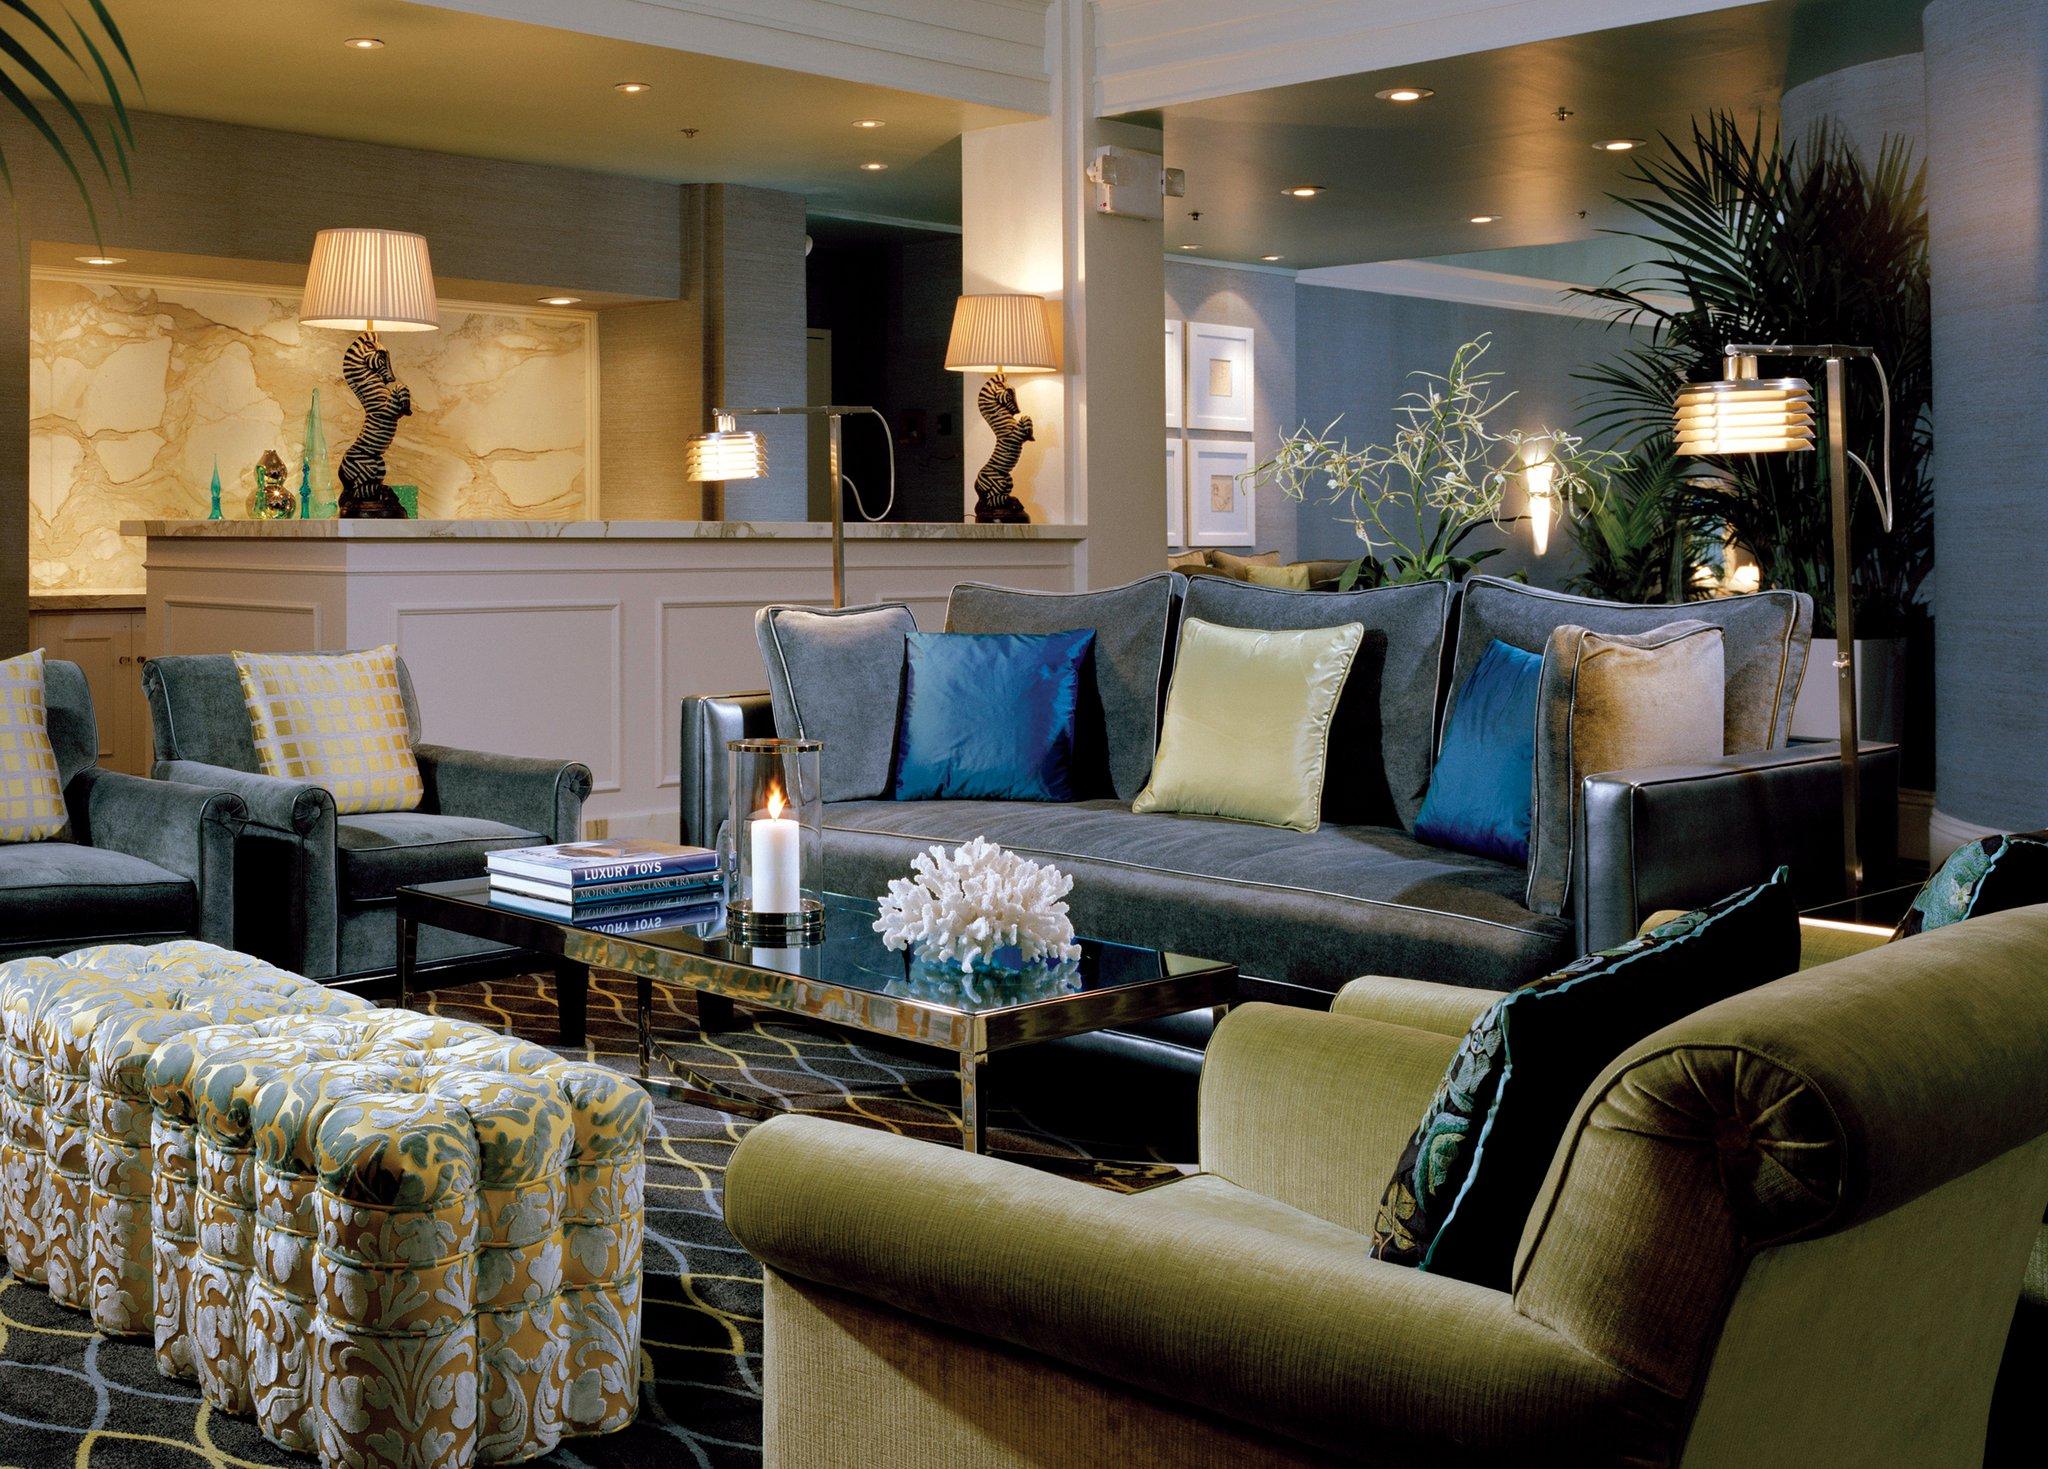 Обстановка небольшого гостиничного холла